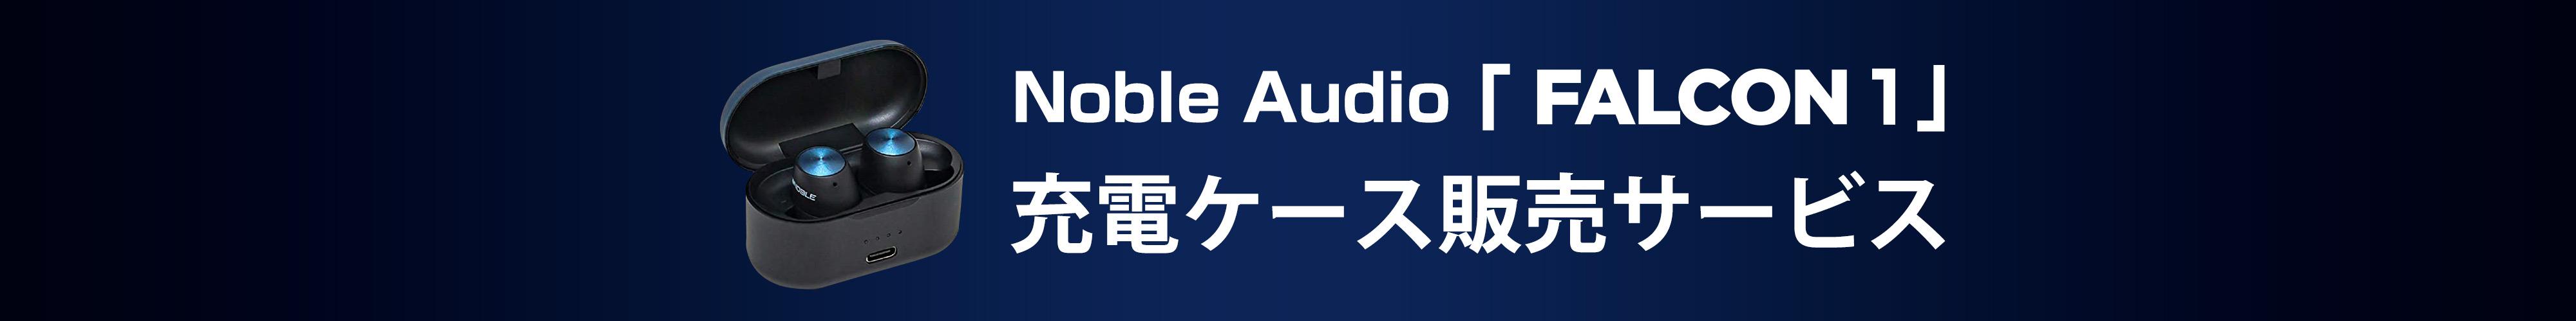 高音質ワイヤレスイヤホンFALCON1 紛失補償サービス